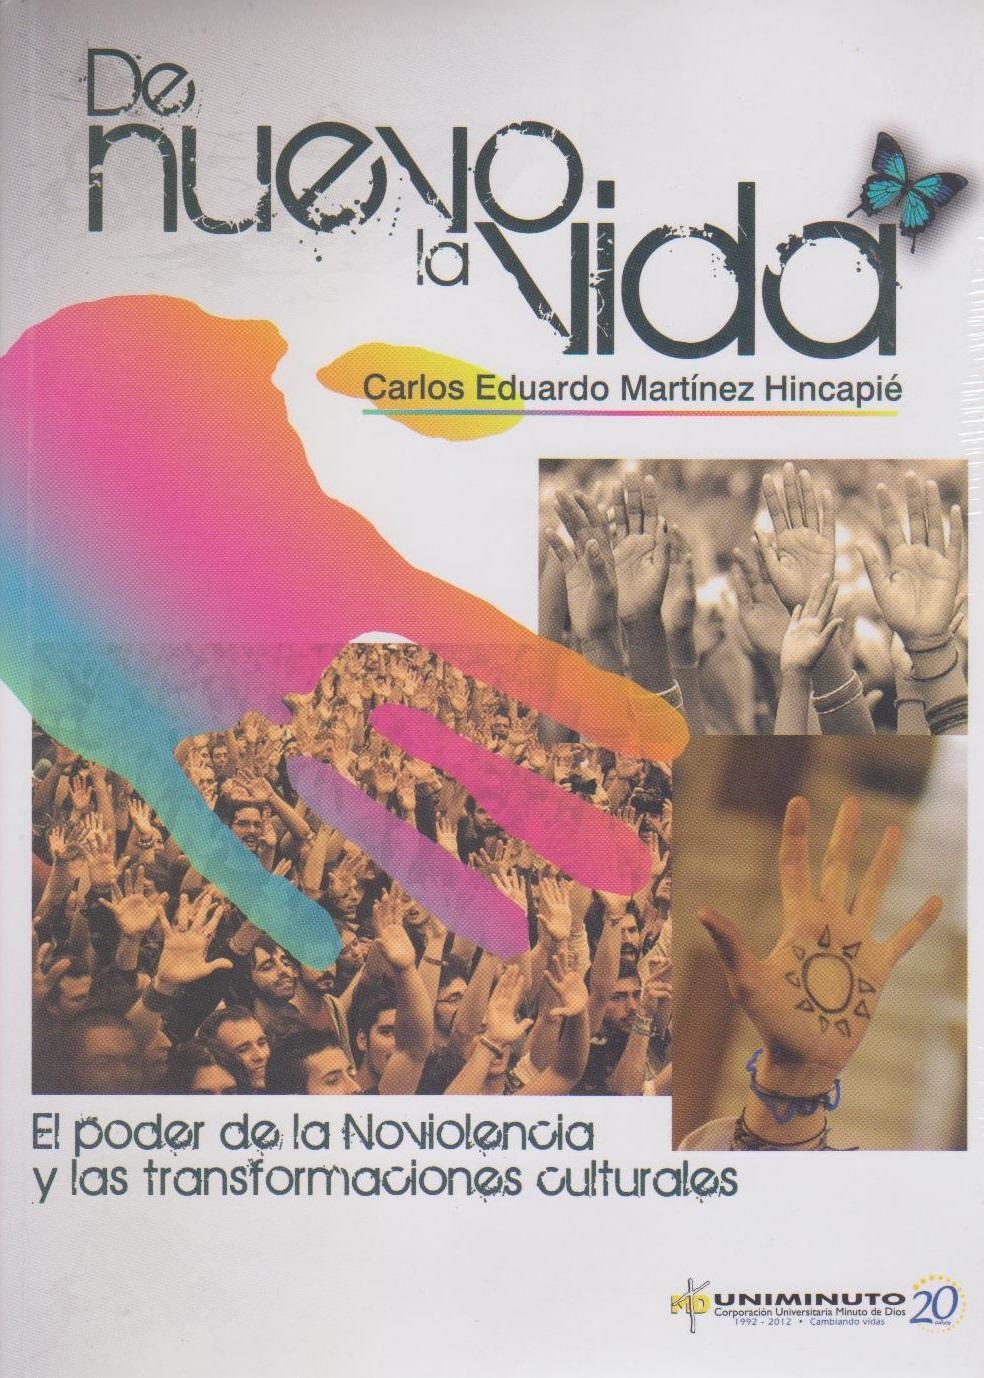 De nuevo la vida - El poder de la Noviolencia y las transformaciones culturales, livro de Carlos Eduardo Martínez Hincapié